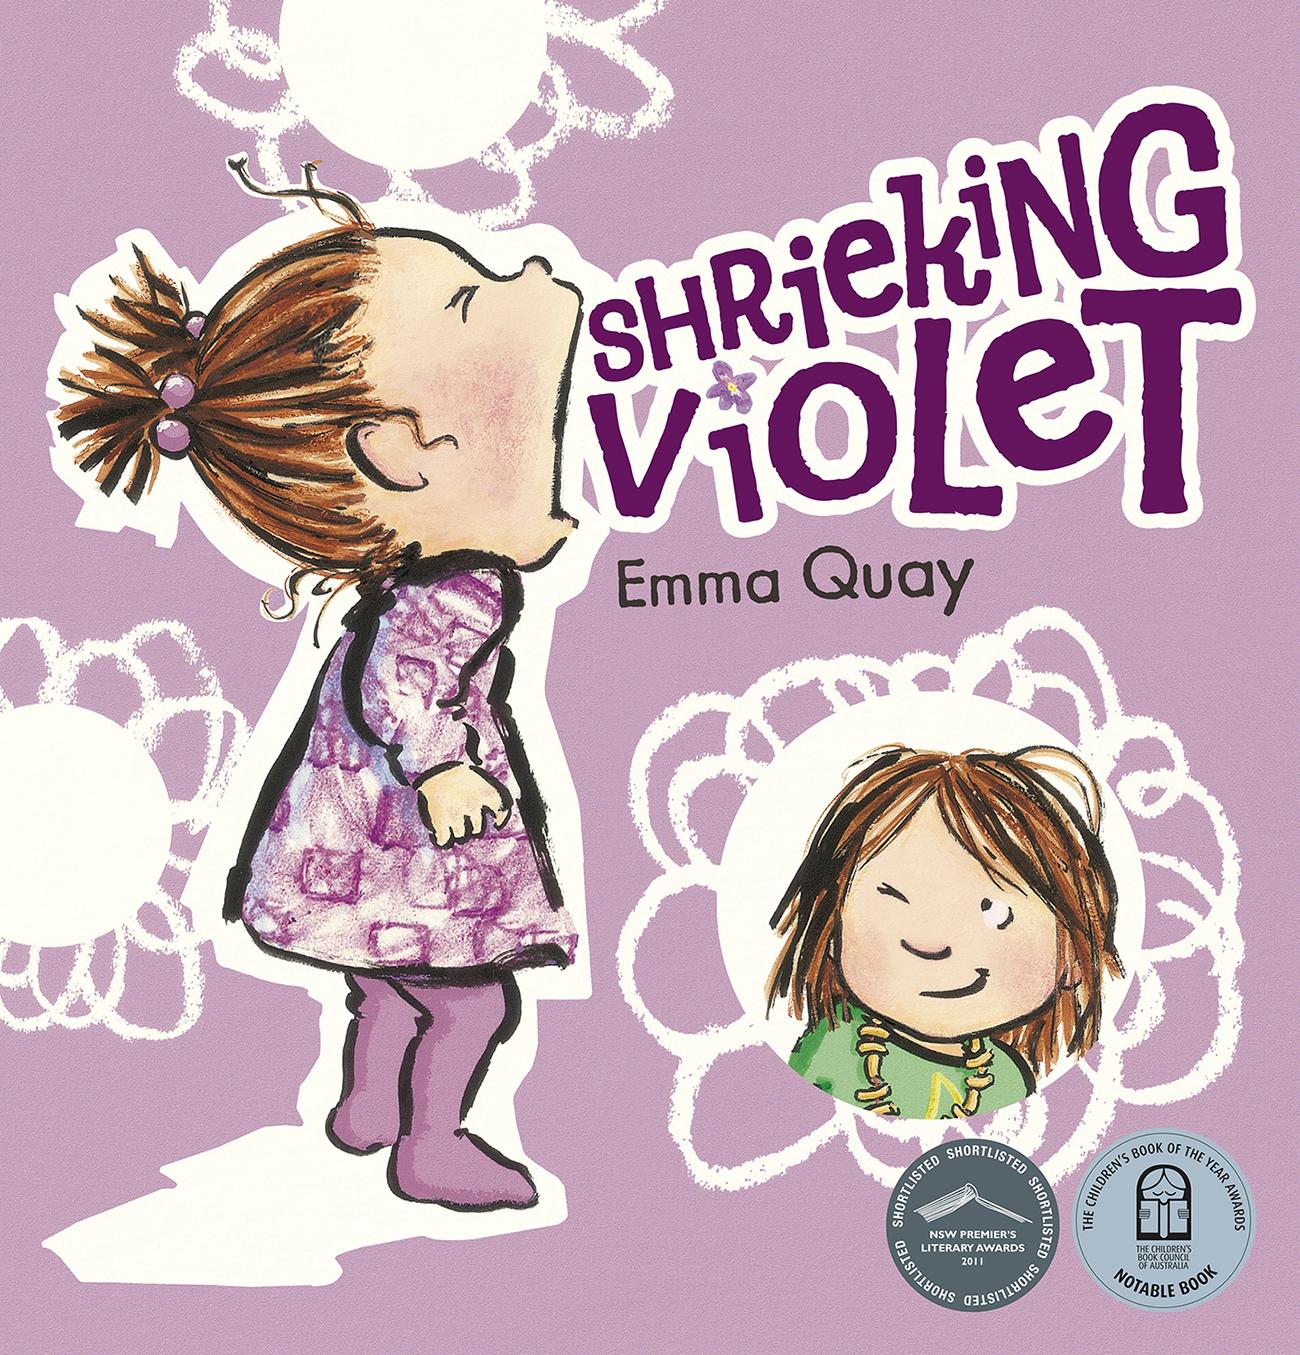 SHRIEKING VIOLET by Emma Quay (ABC Books) h ttp://www.emmaquay.com